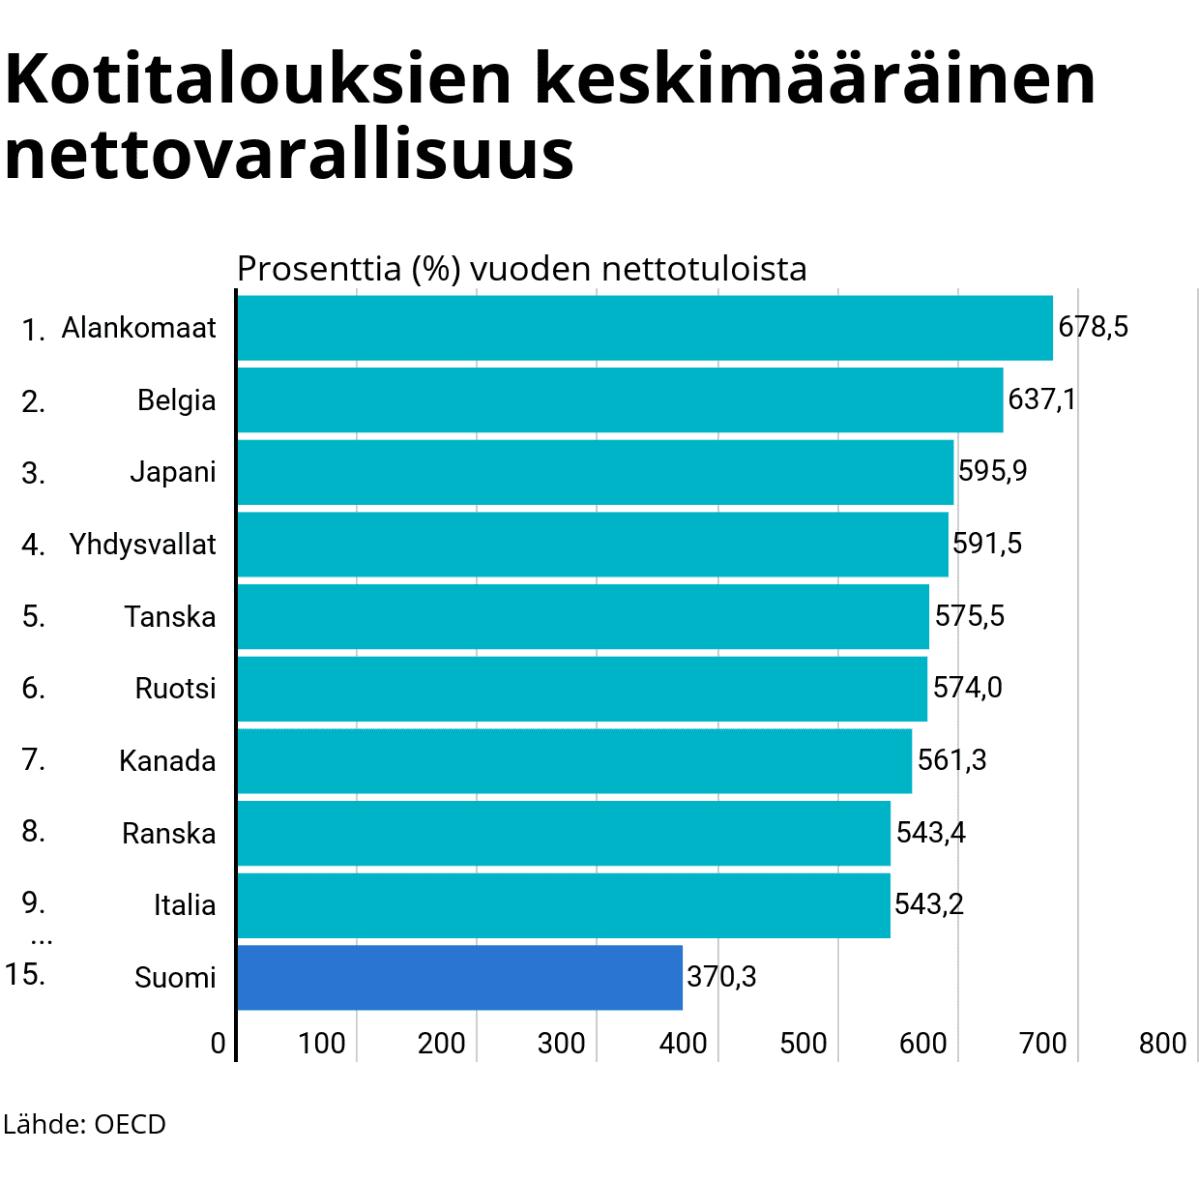 Tilastografiikka kotitalouksien keskimääräisestä nettovarallisuudesta